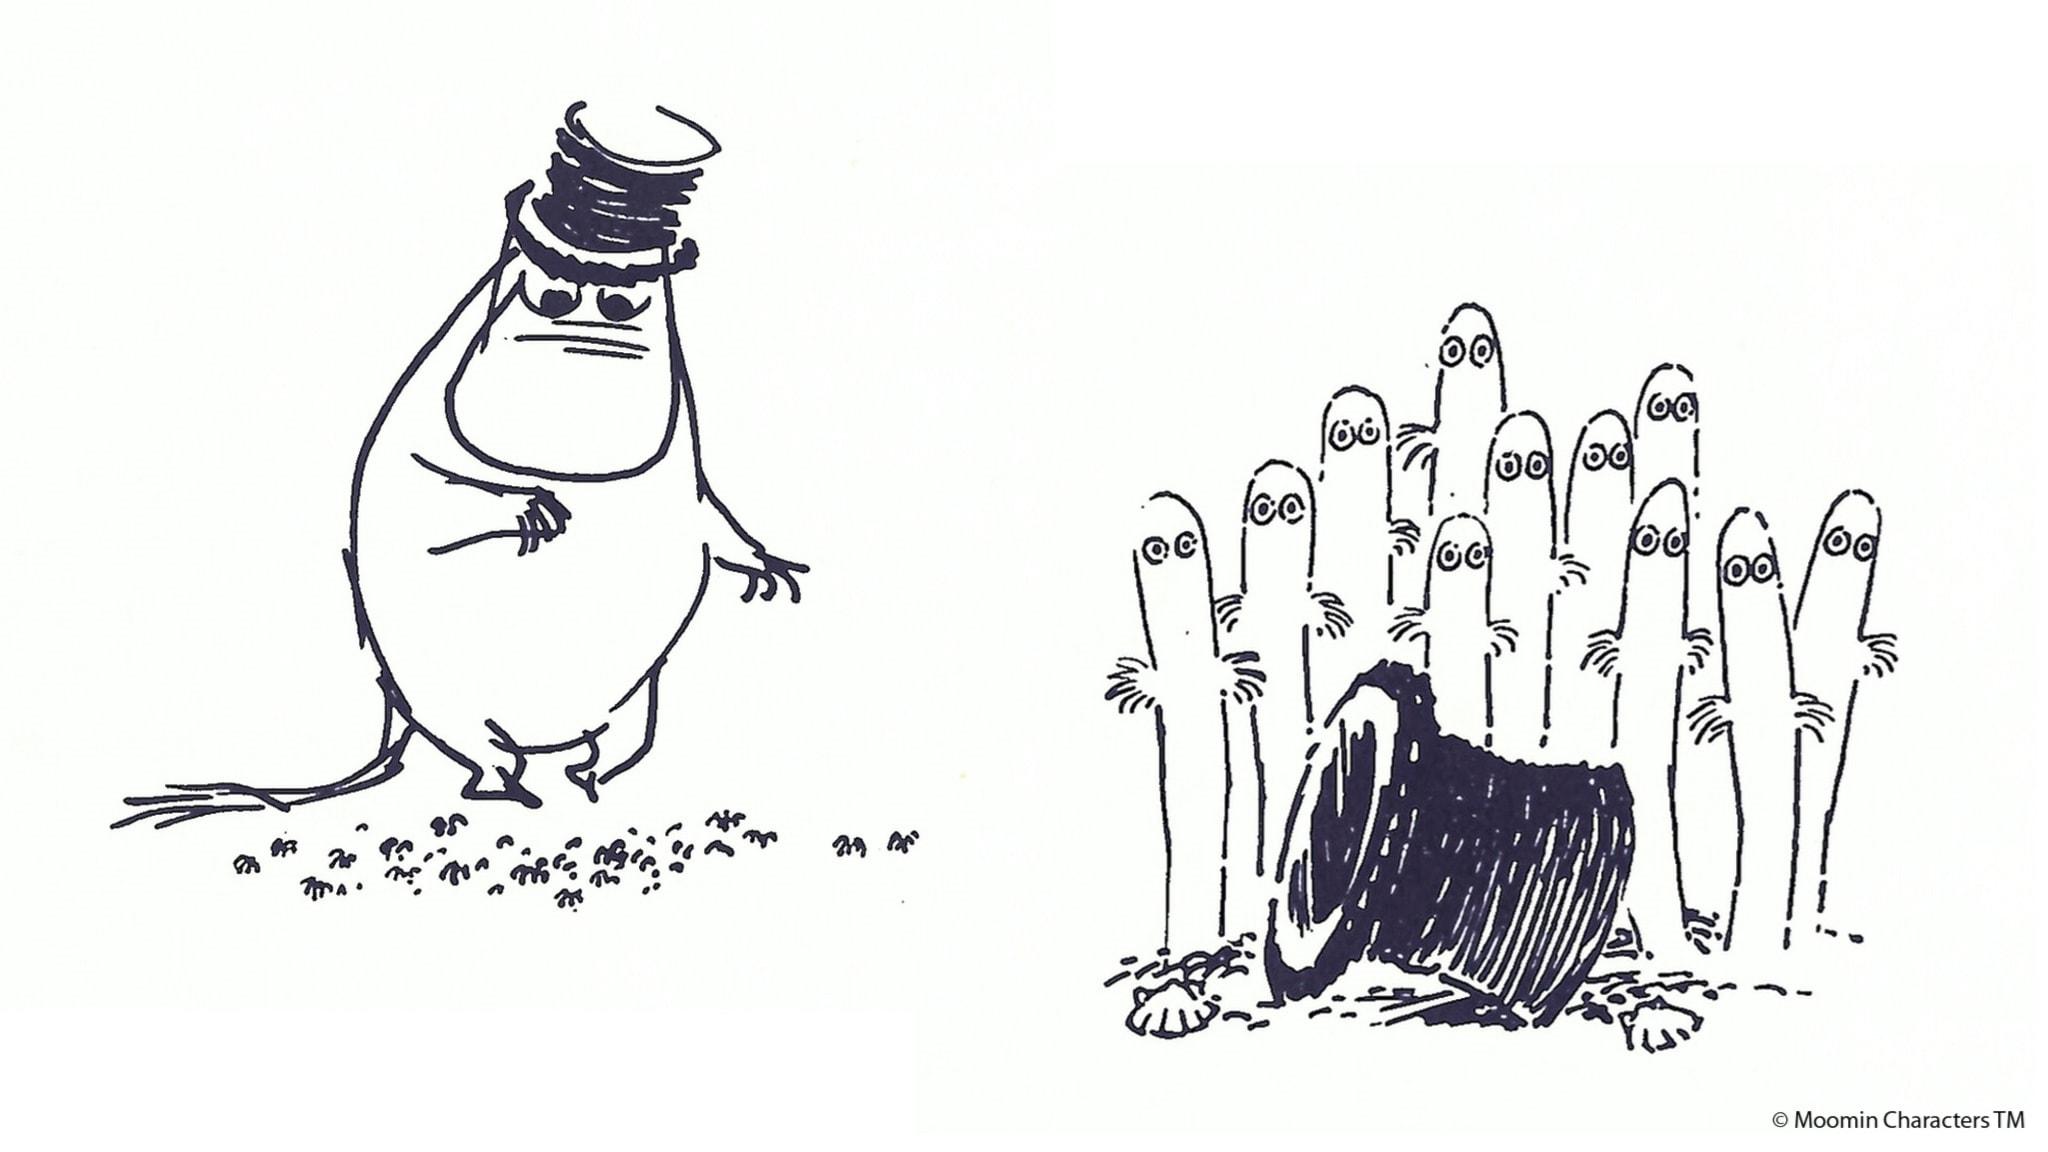 Från Mumindalen: Hattifnattarnas hemlighet